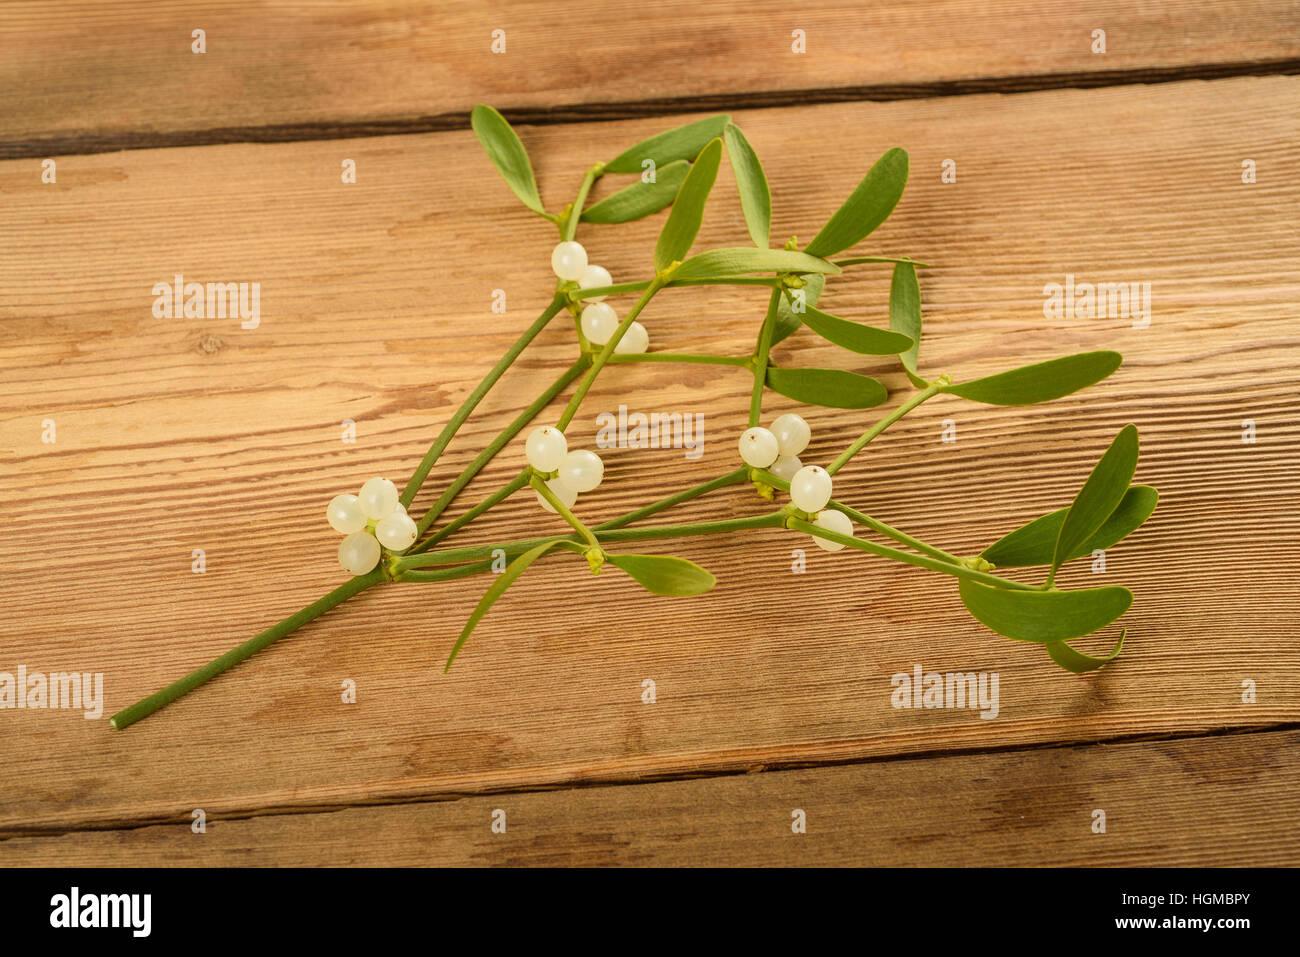 Mistel-Zweig mit Beeren auf Holz Hintergrund Stockbild